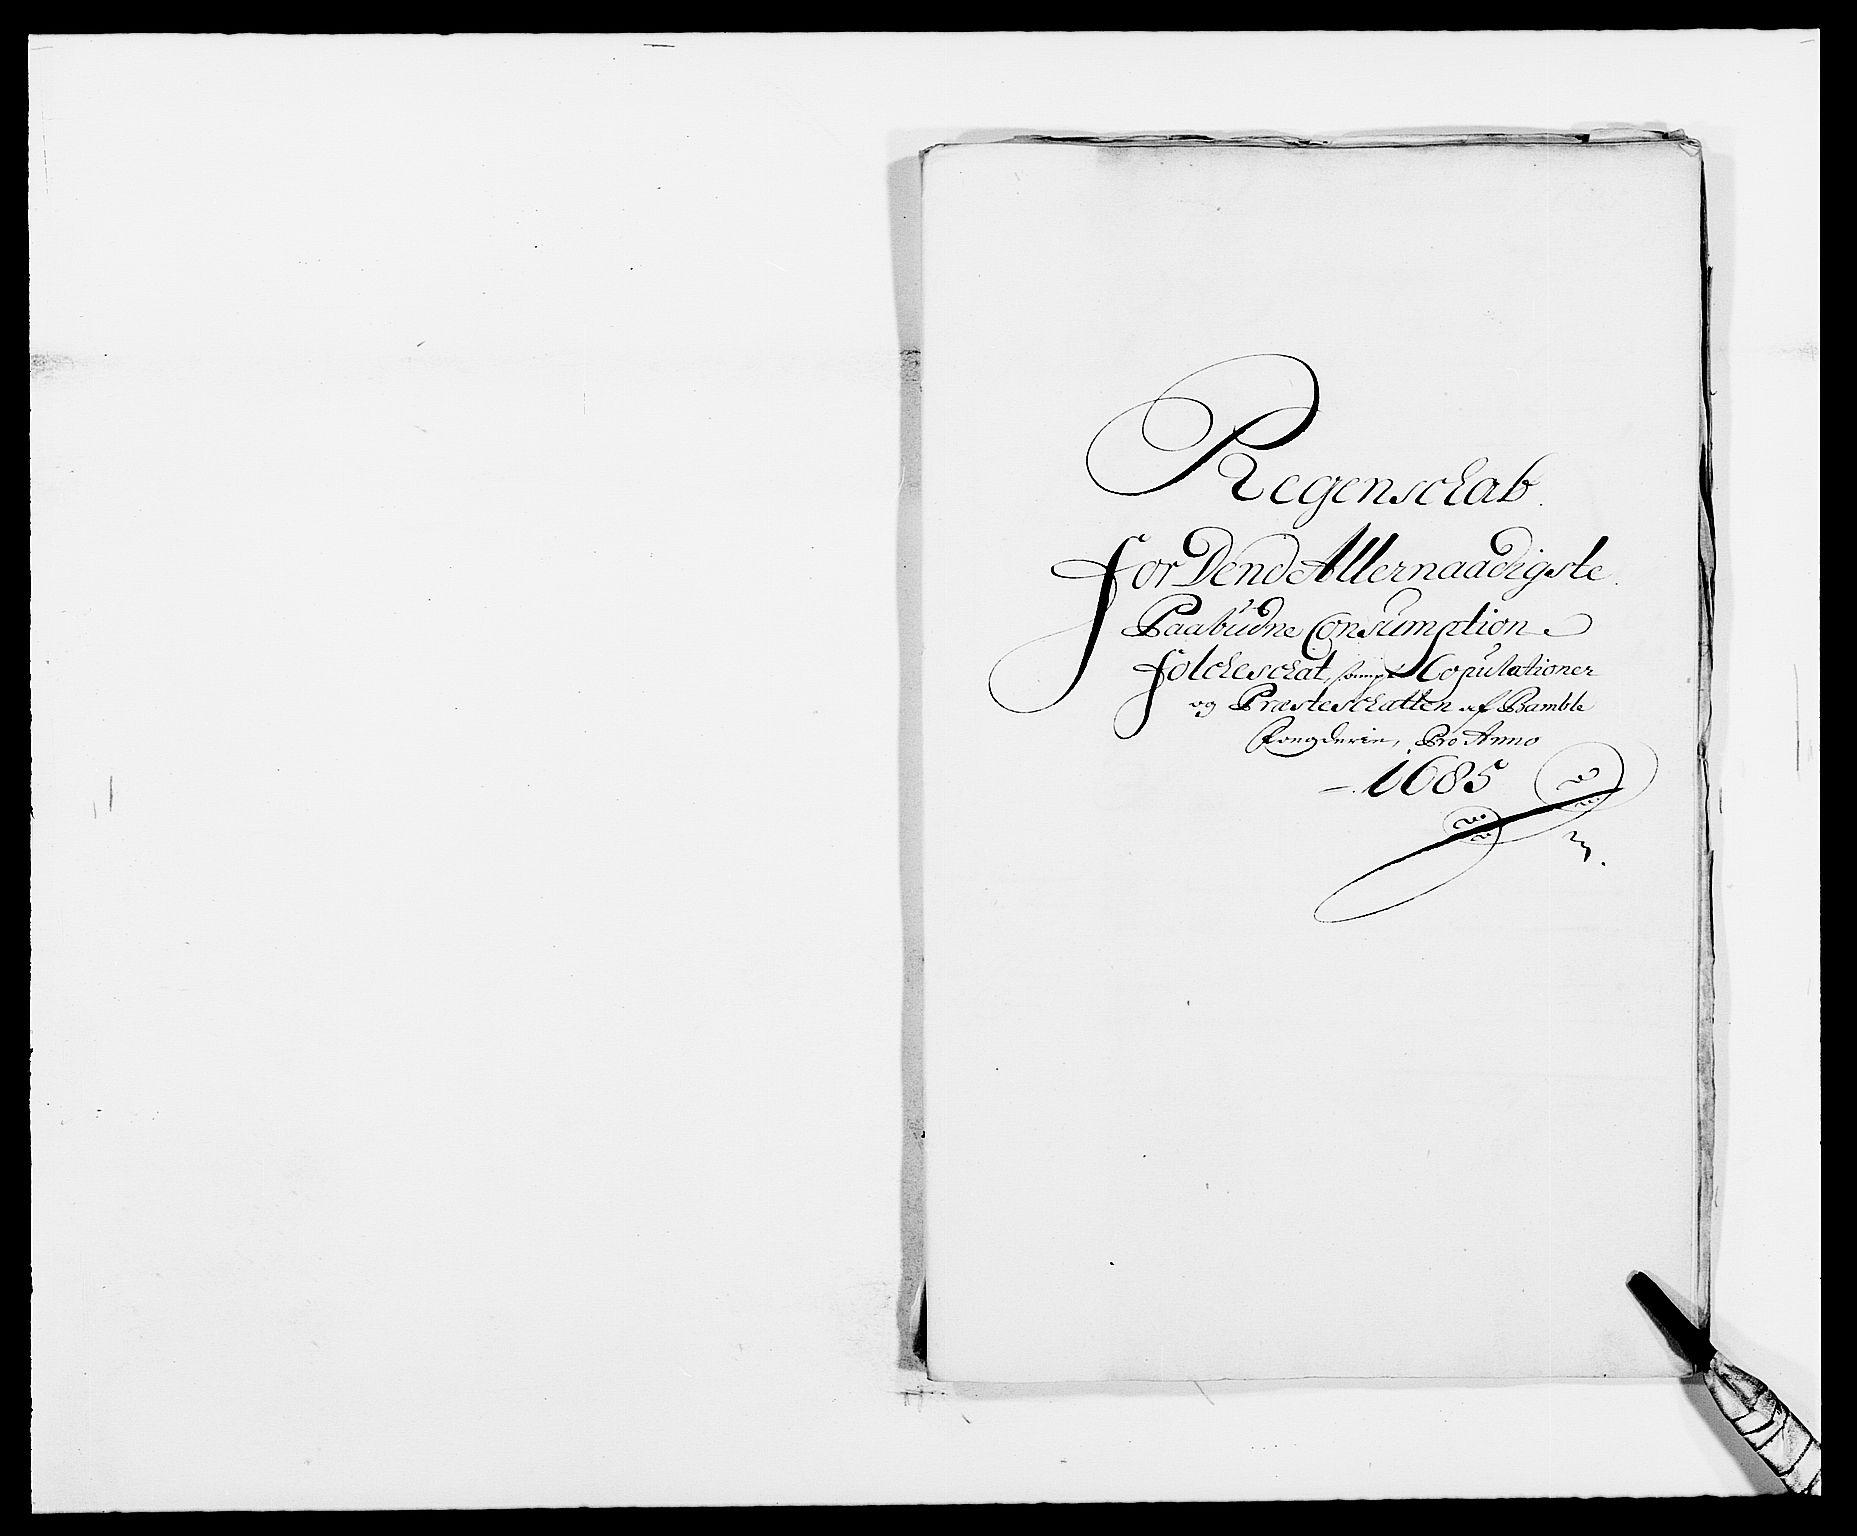 RA, Rentekammeret inntil 1814, Reviderte regnskaper, Fogderegnskap, R34/L2048: Fogderegnskap Bamble, 1685-1687, s. 128